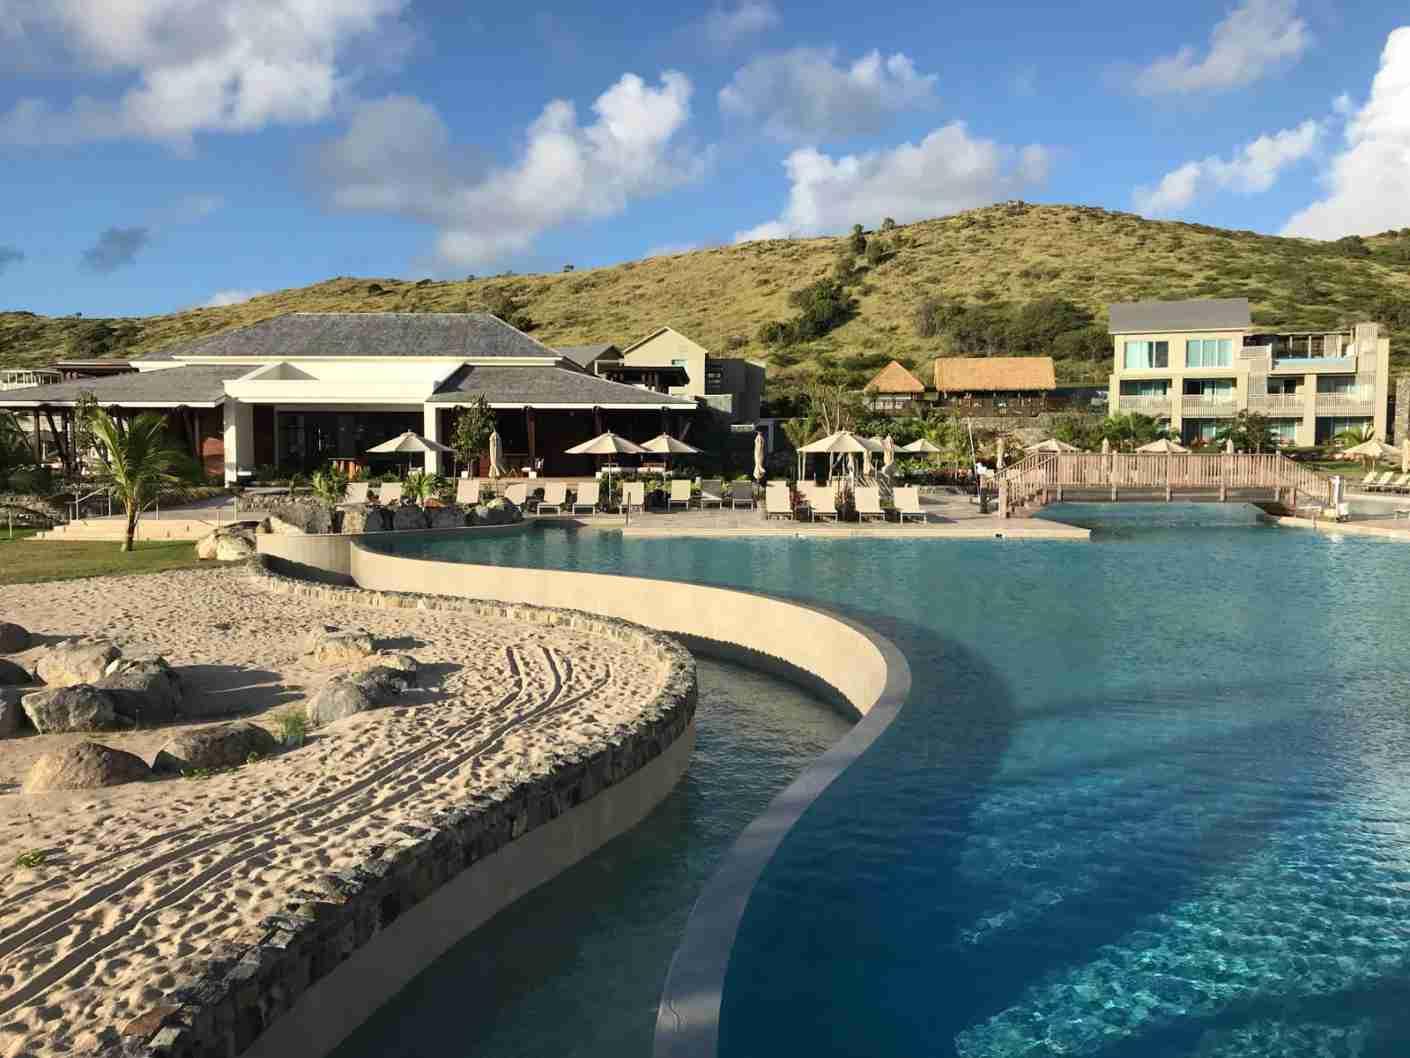 The Park Hyatt St. Kitts. (Photo via The Points Guy)